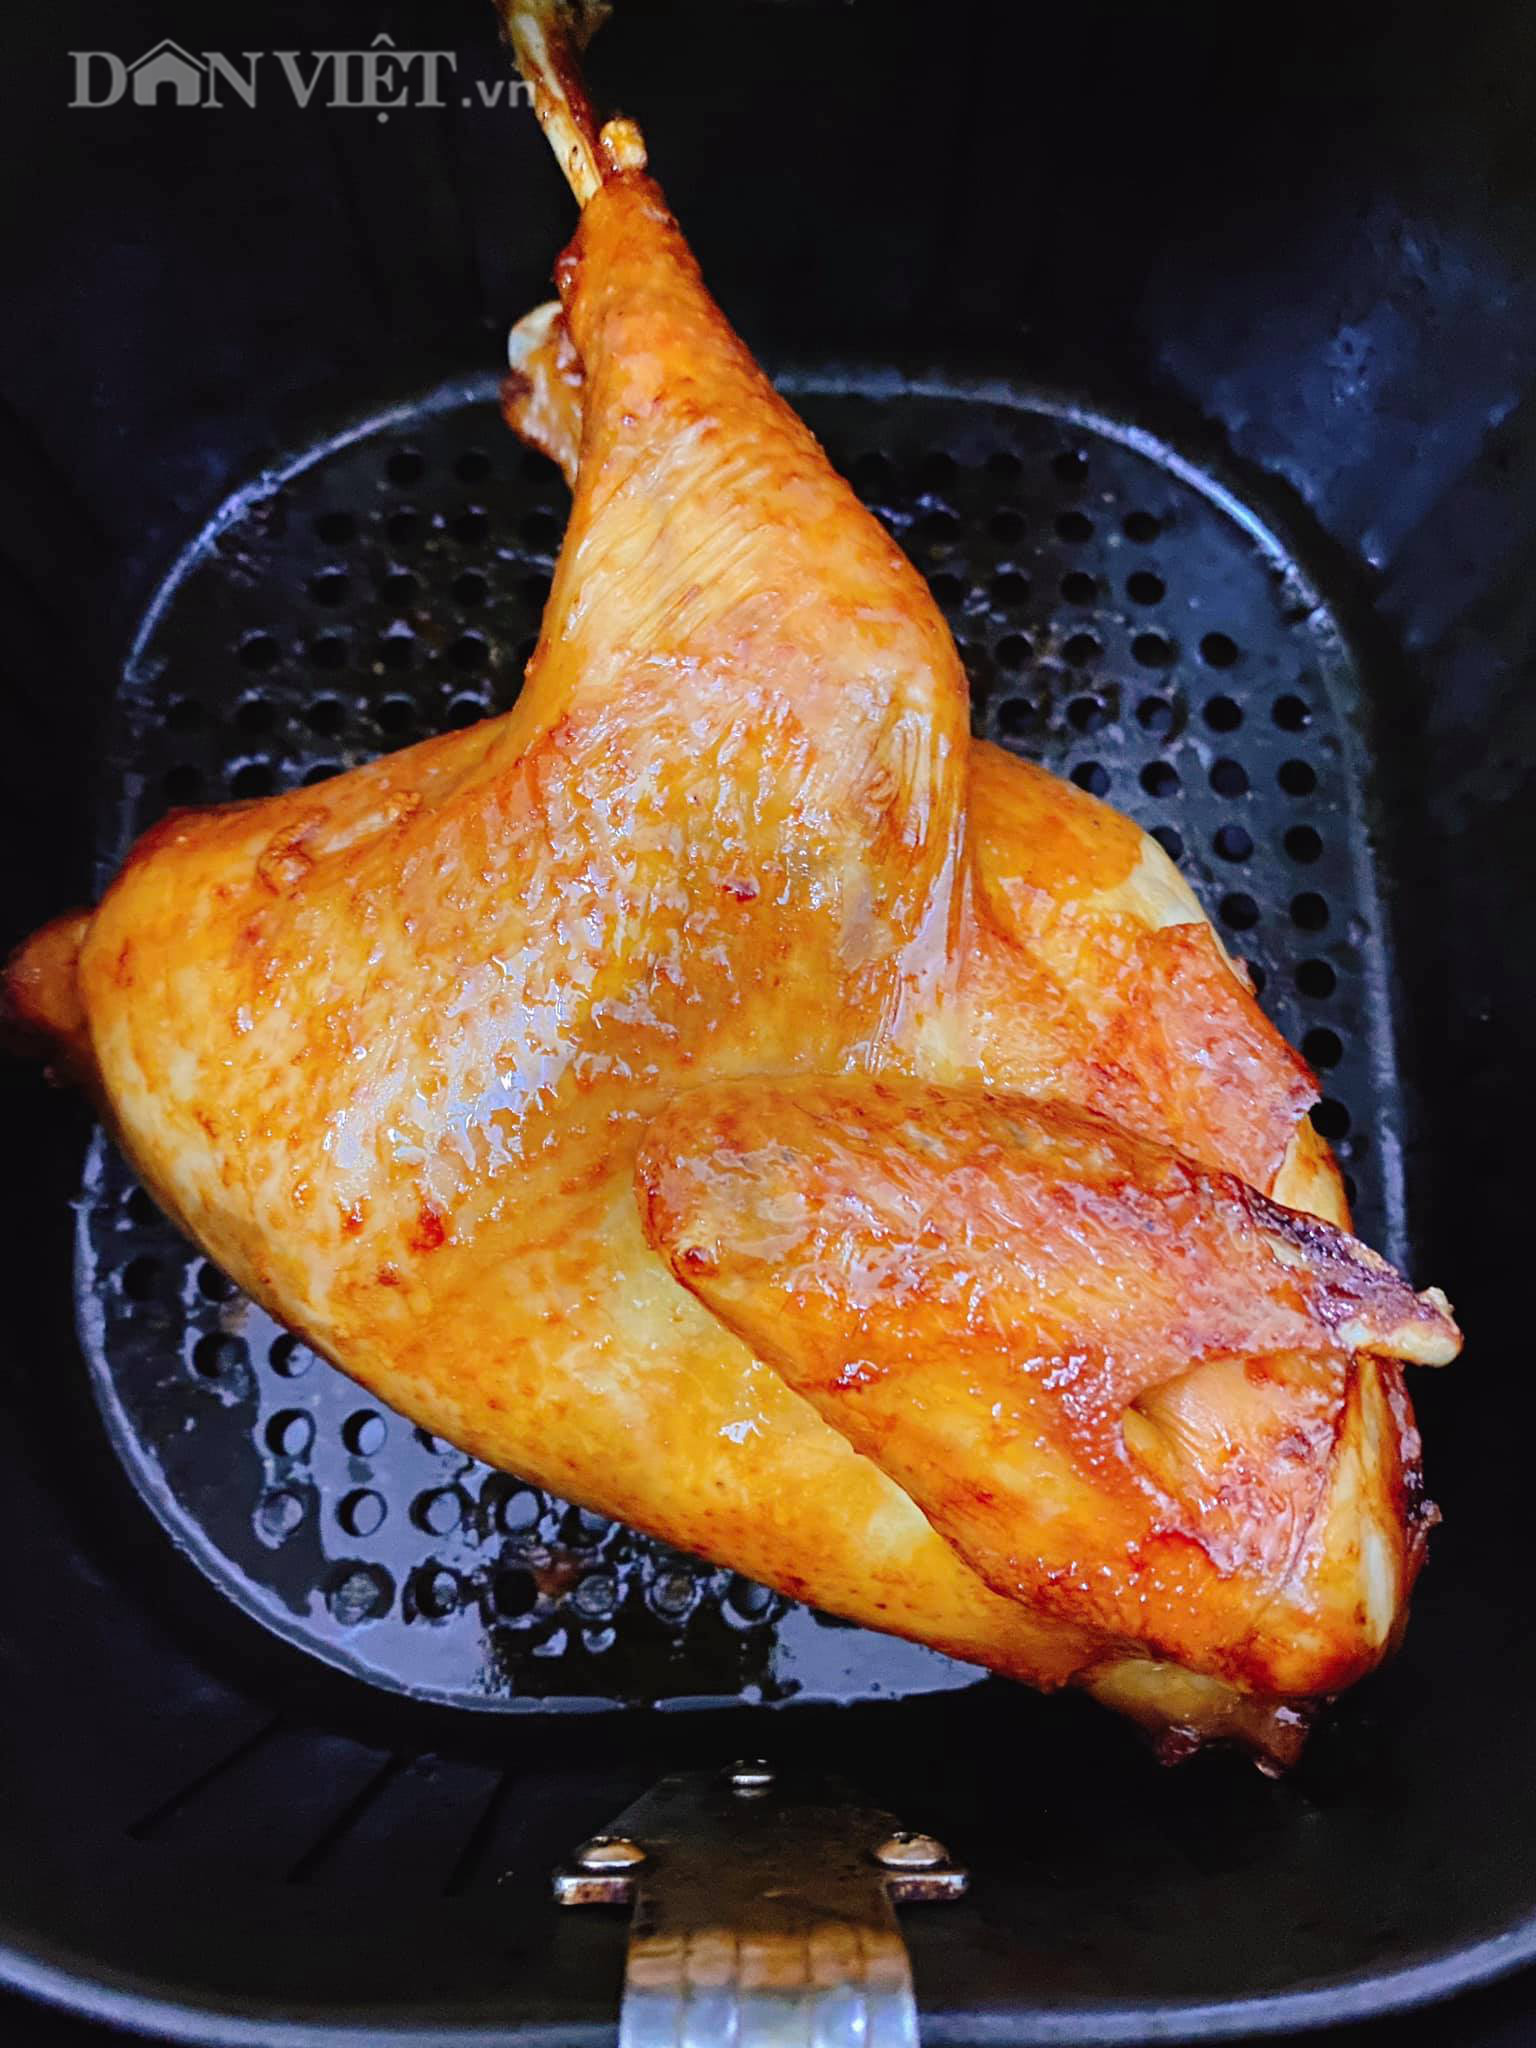 Cách làm gà nướng mật ong đậm đà giòn thơm bằng nồi chiên không dầu - Ảnh 2.